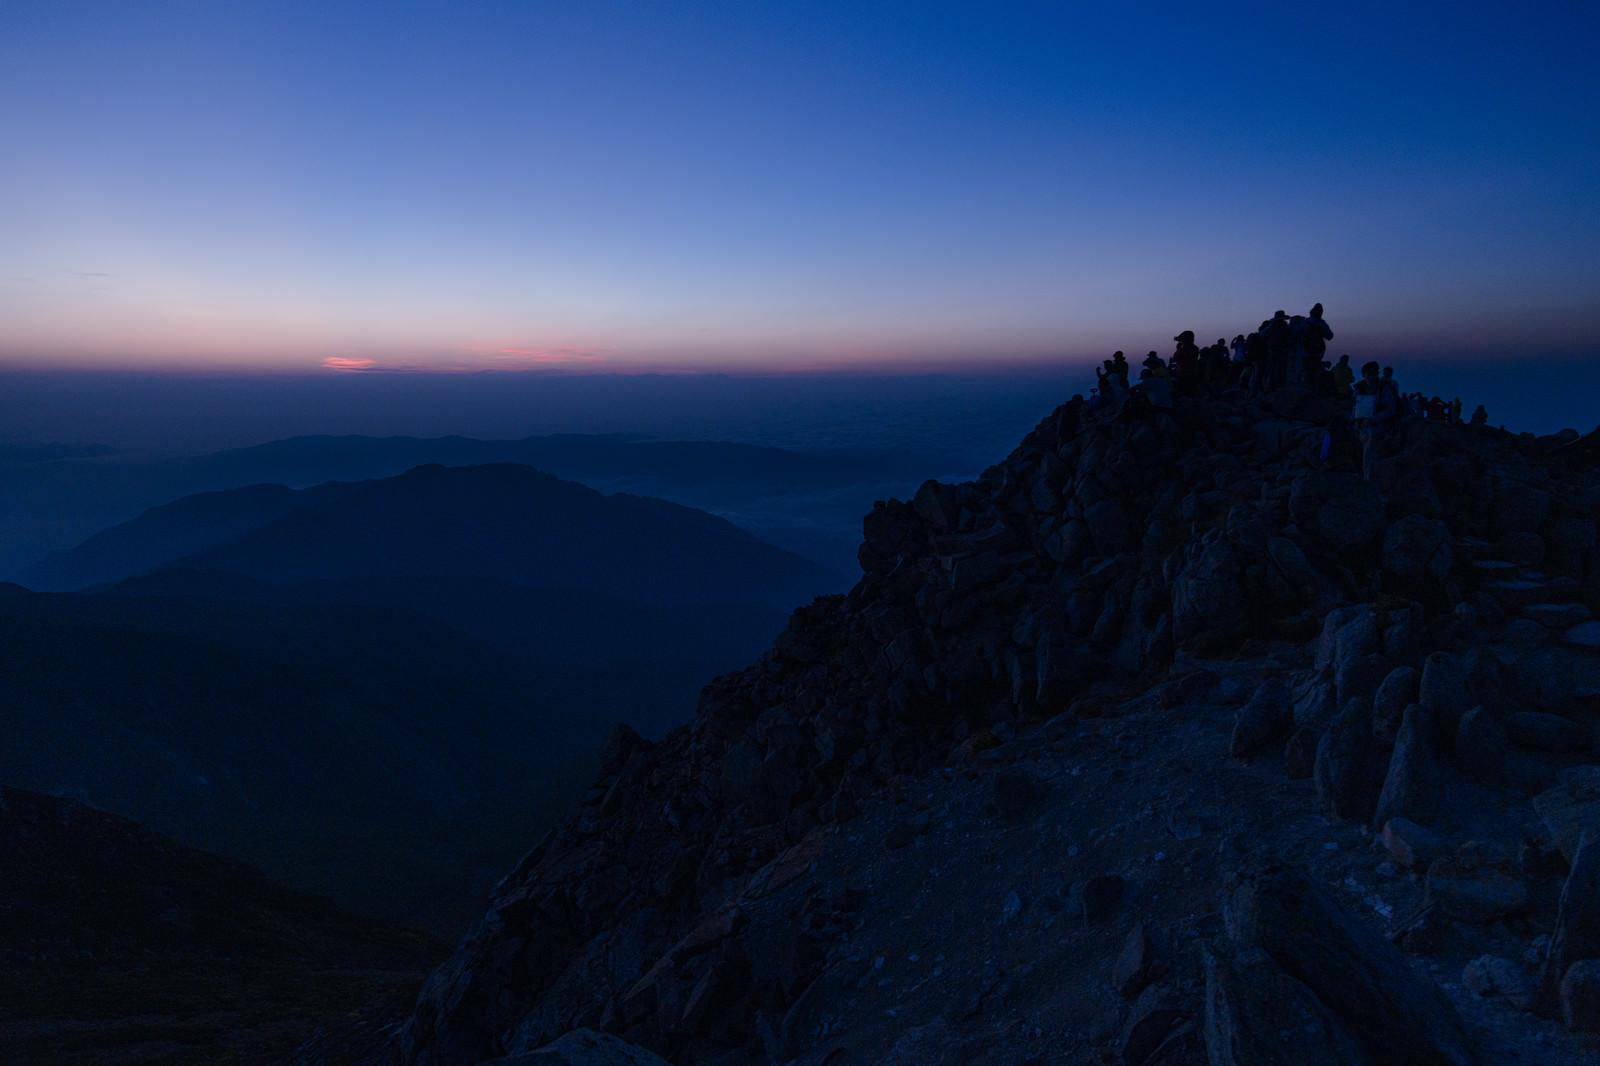 「ご来光を今か今かと待つ御前峰の登山者たち(白山)」の写真